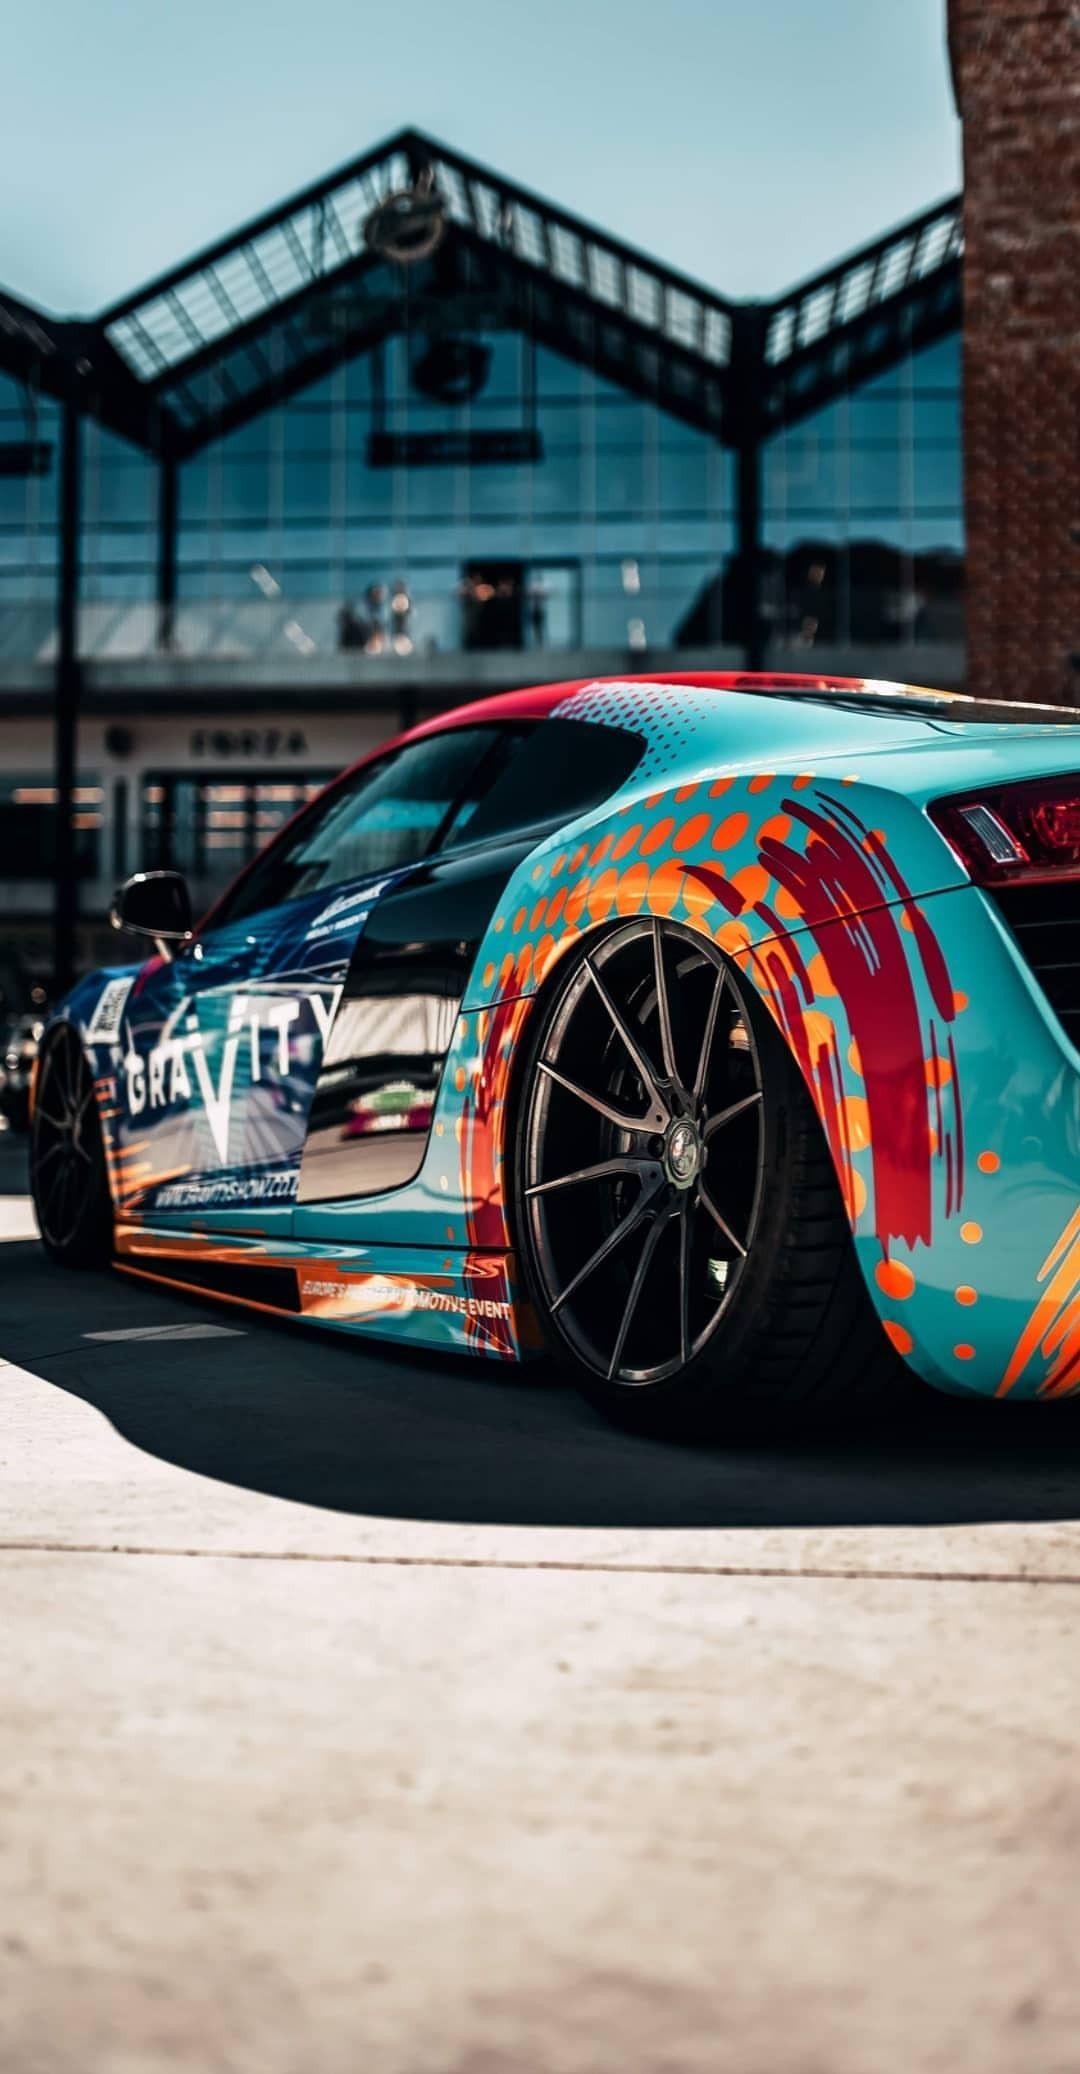 Pin By Jordan On Car Car Wallpapers Best Luxury Cars Fancy Cars